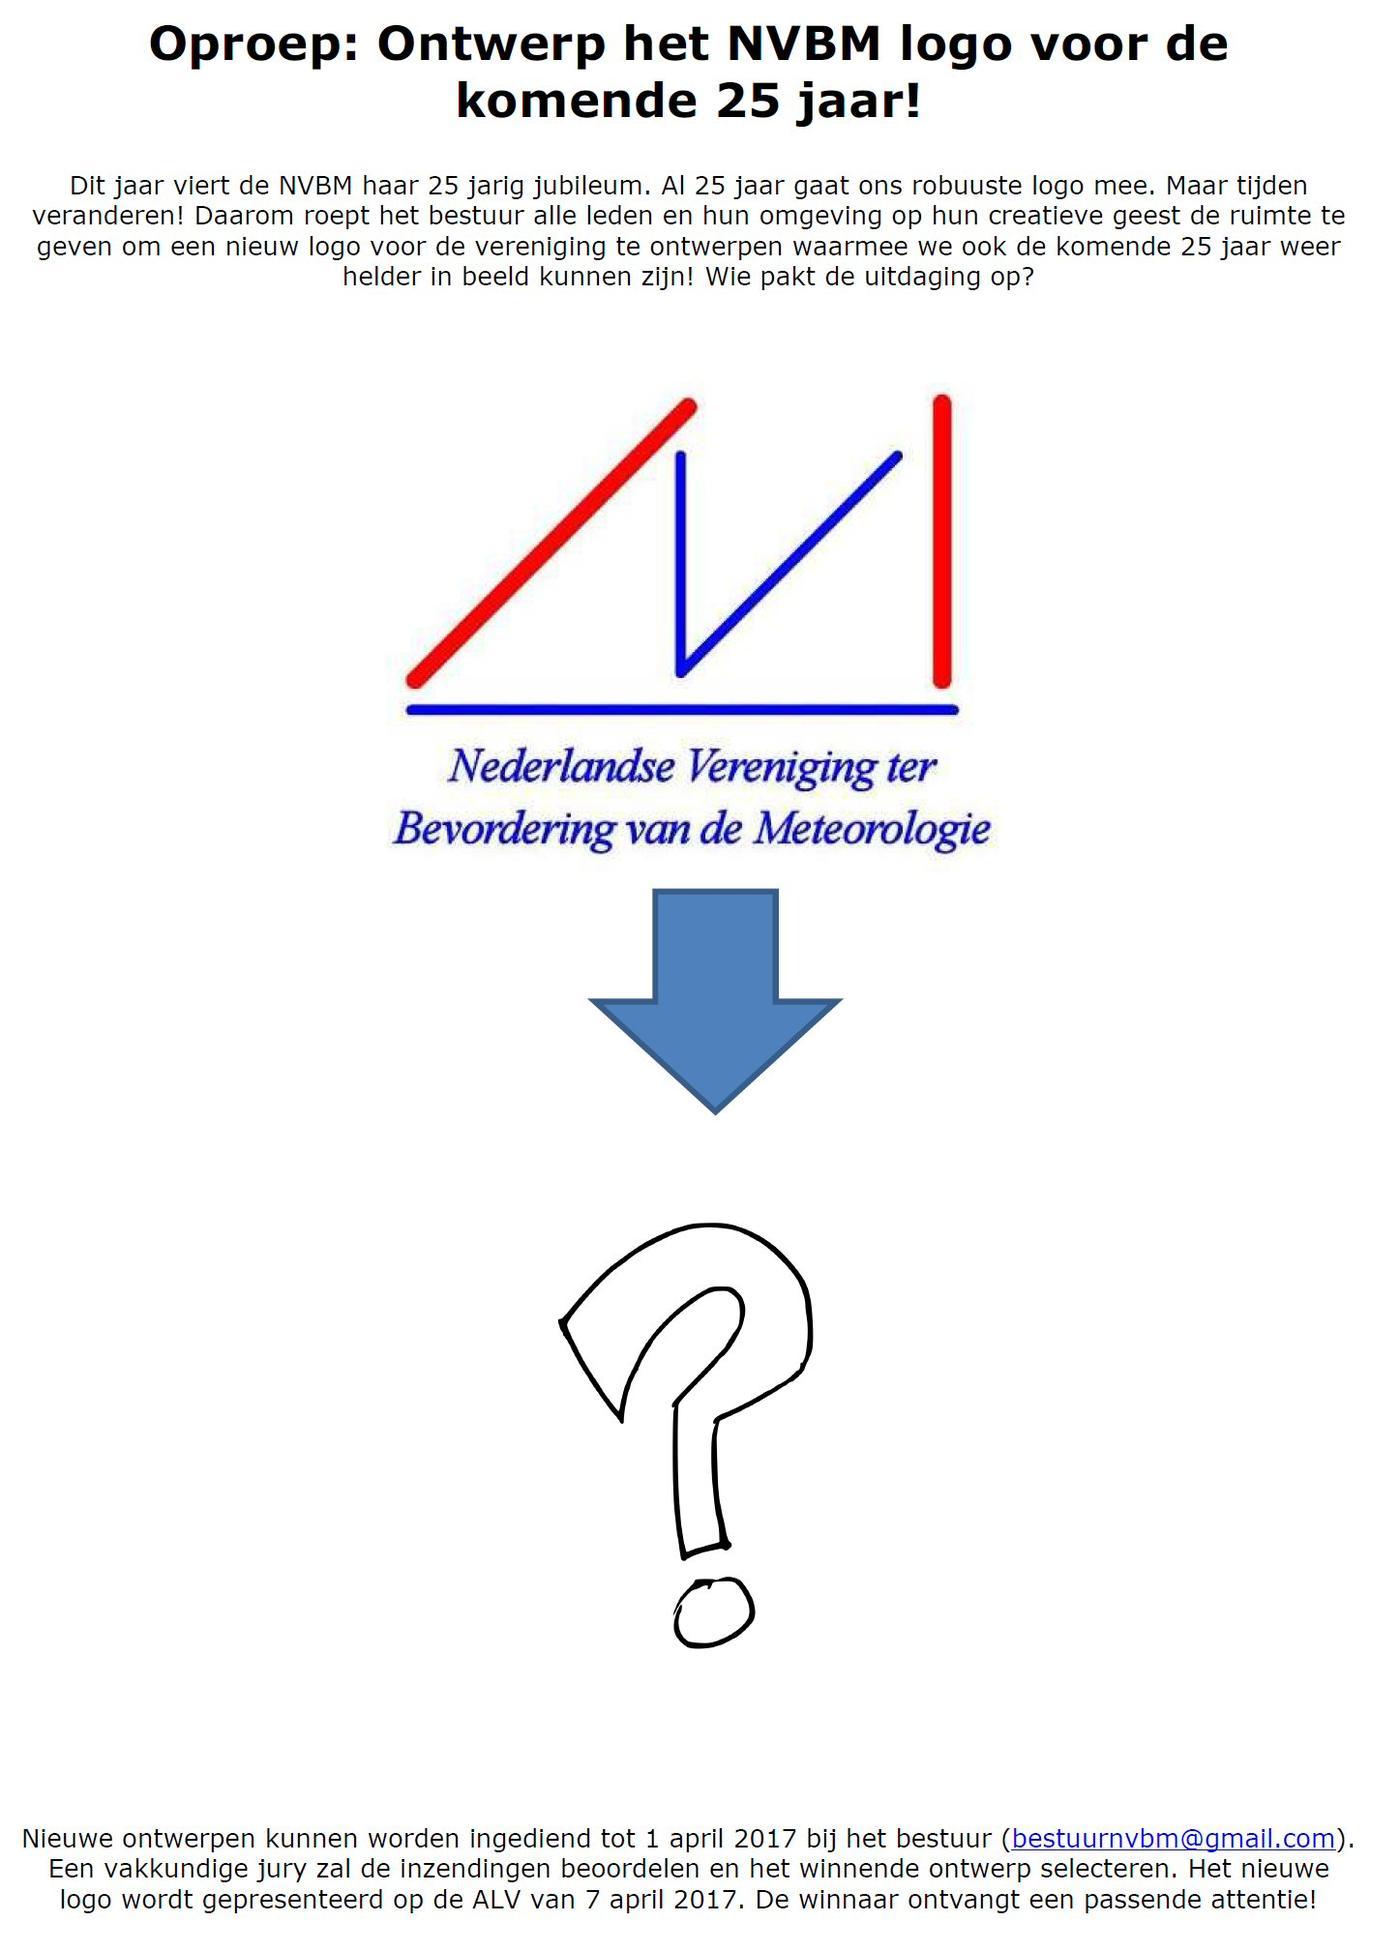 Oproep: ontwerp nieuw NVBM logo